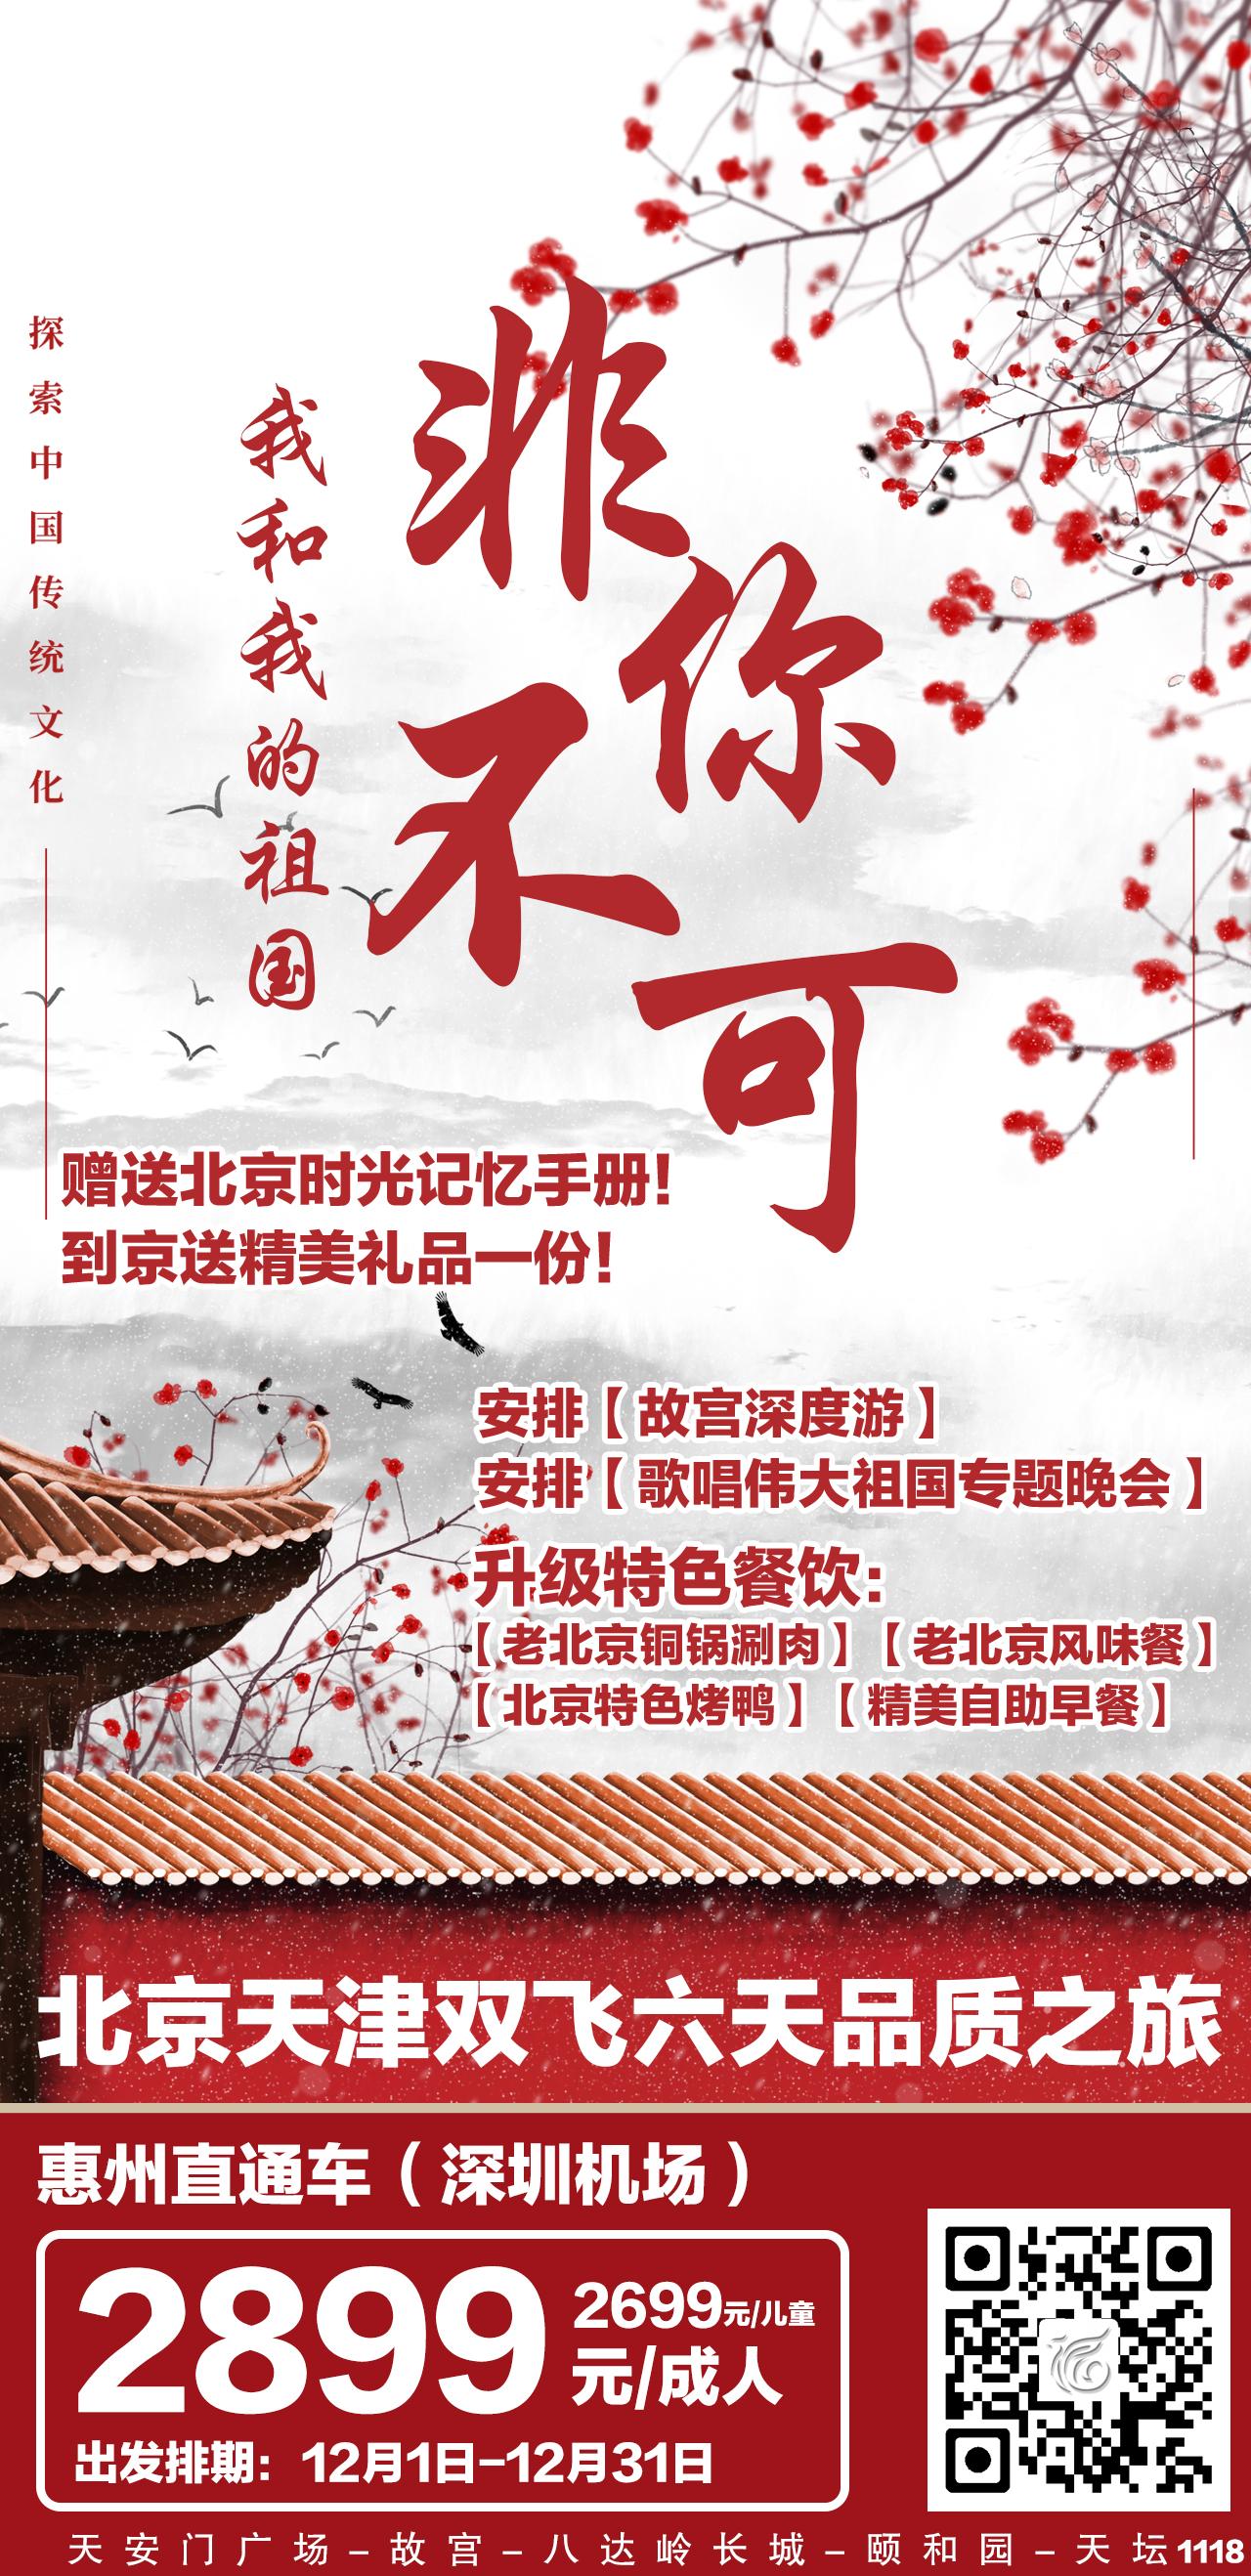 12月【暢享】北京天津雙飛六天品質之旅,北京天安門廣場、長城、故宮、贈送天津一日游